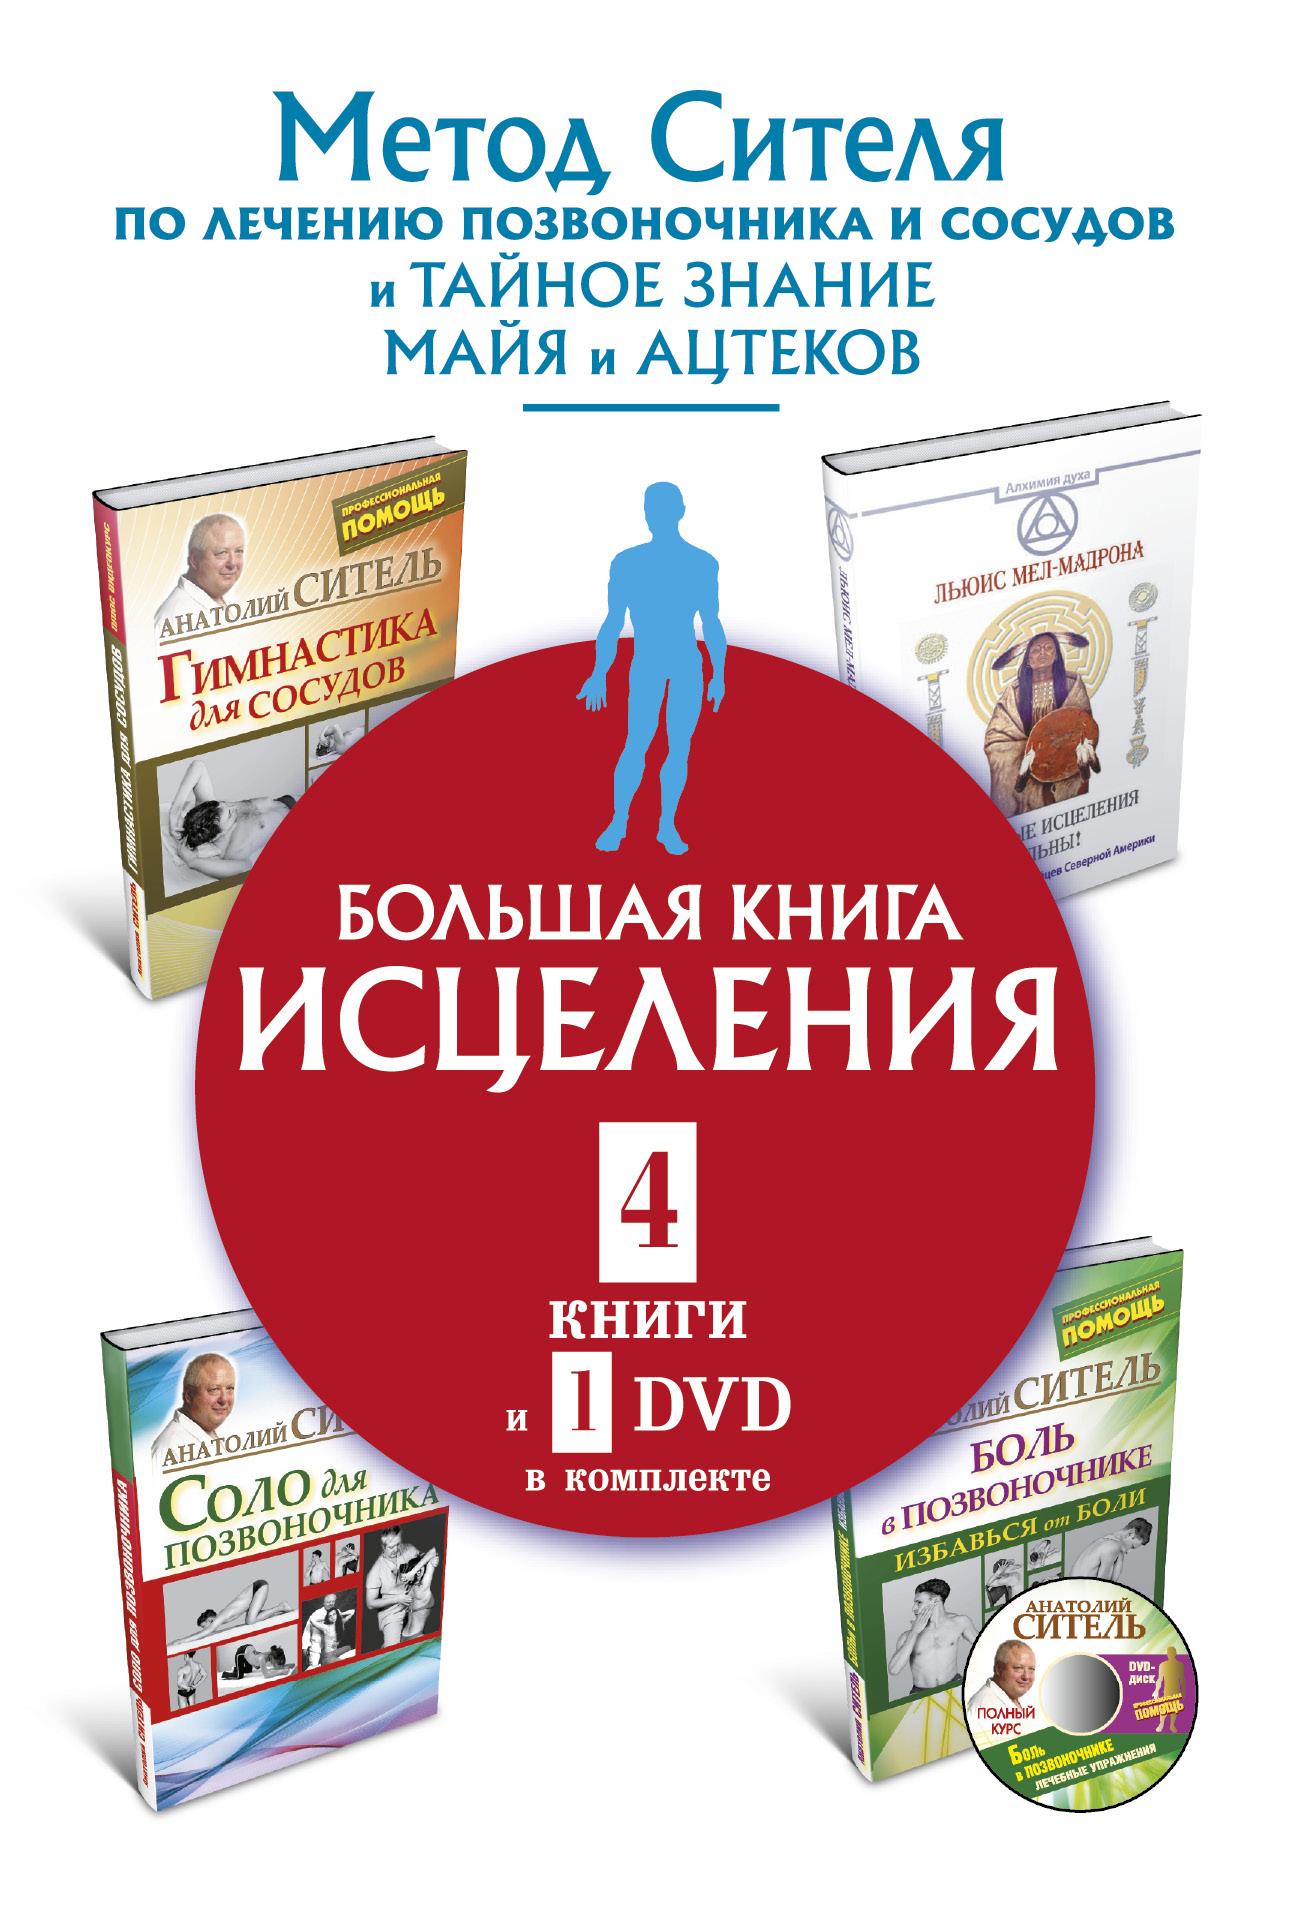 Анатолий Ситель Большая книга исцеления (комплект из 4 книг + DVD) книга для записей с практическими упражнениями для здорового позвоночника